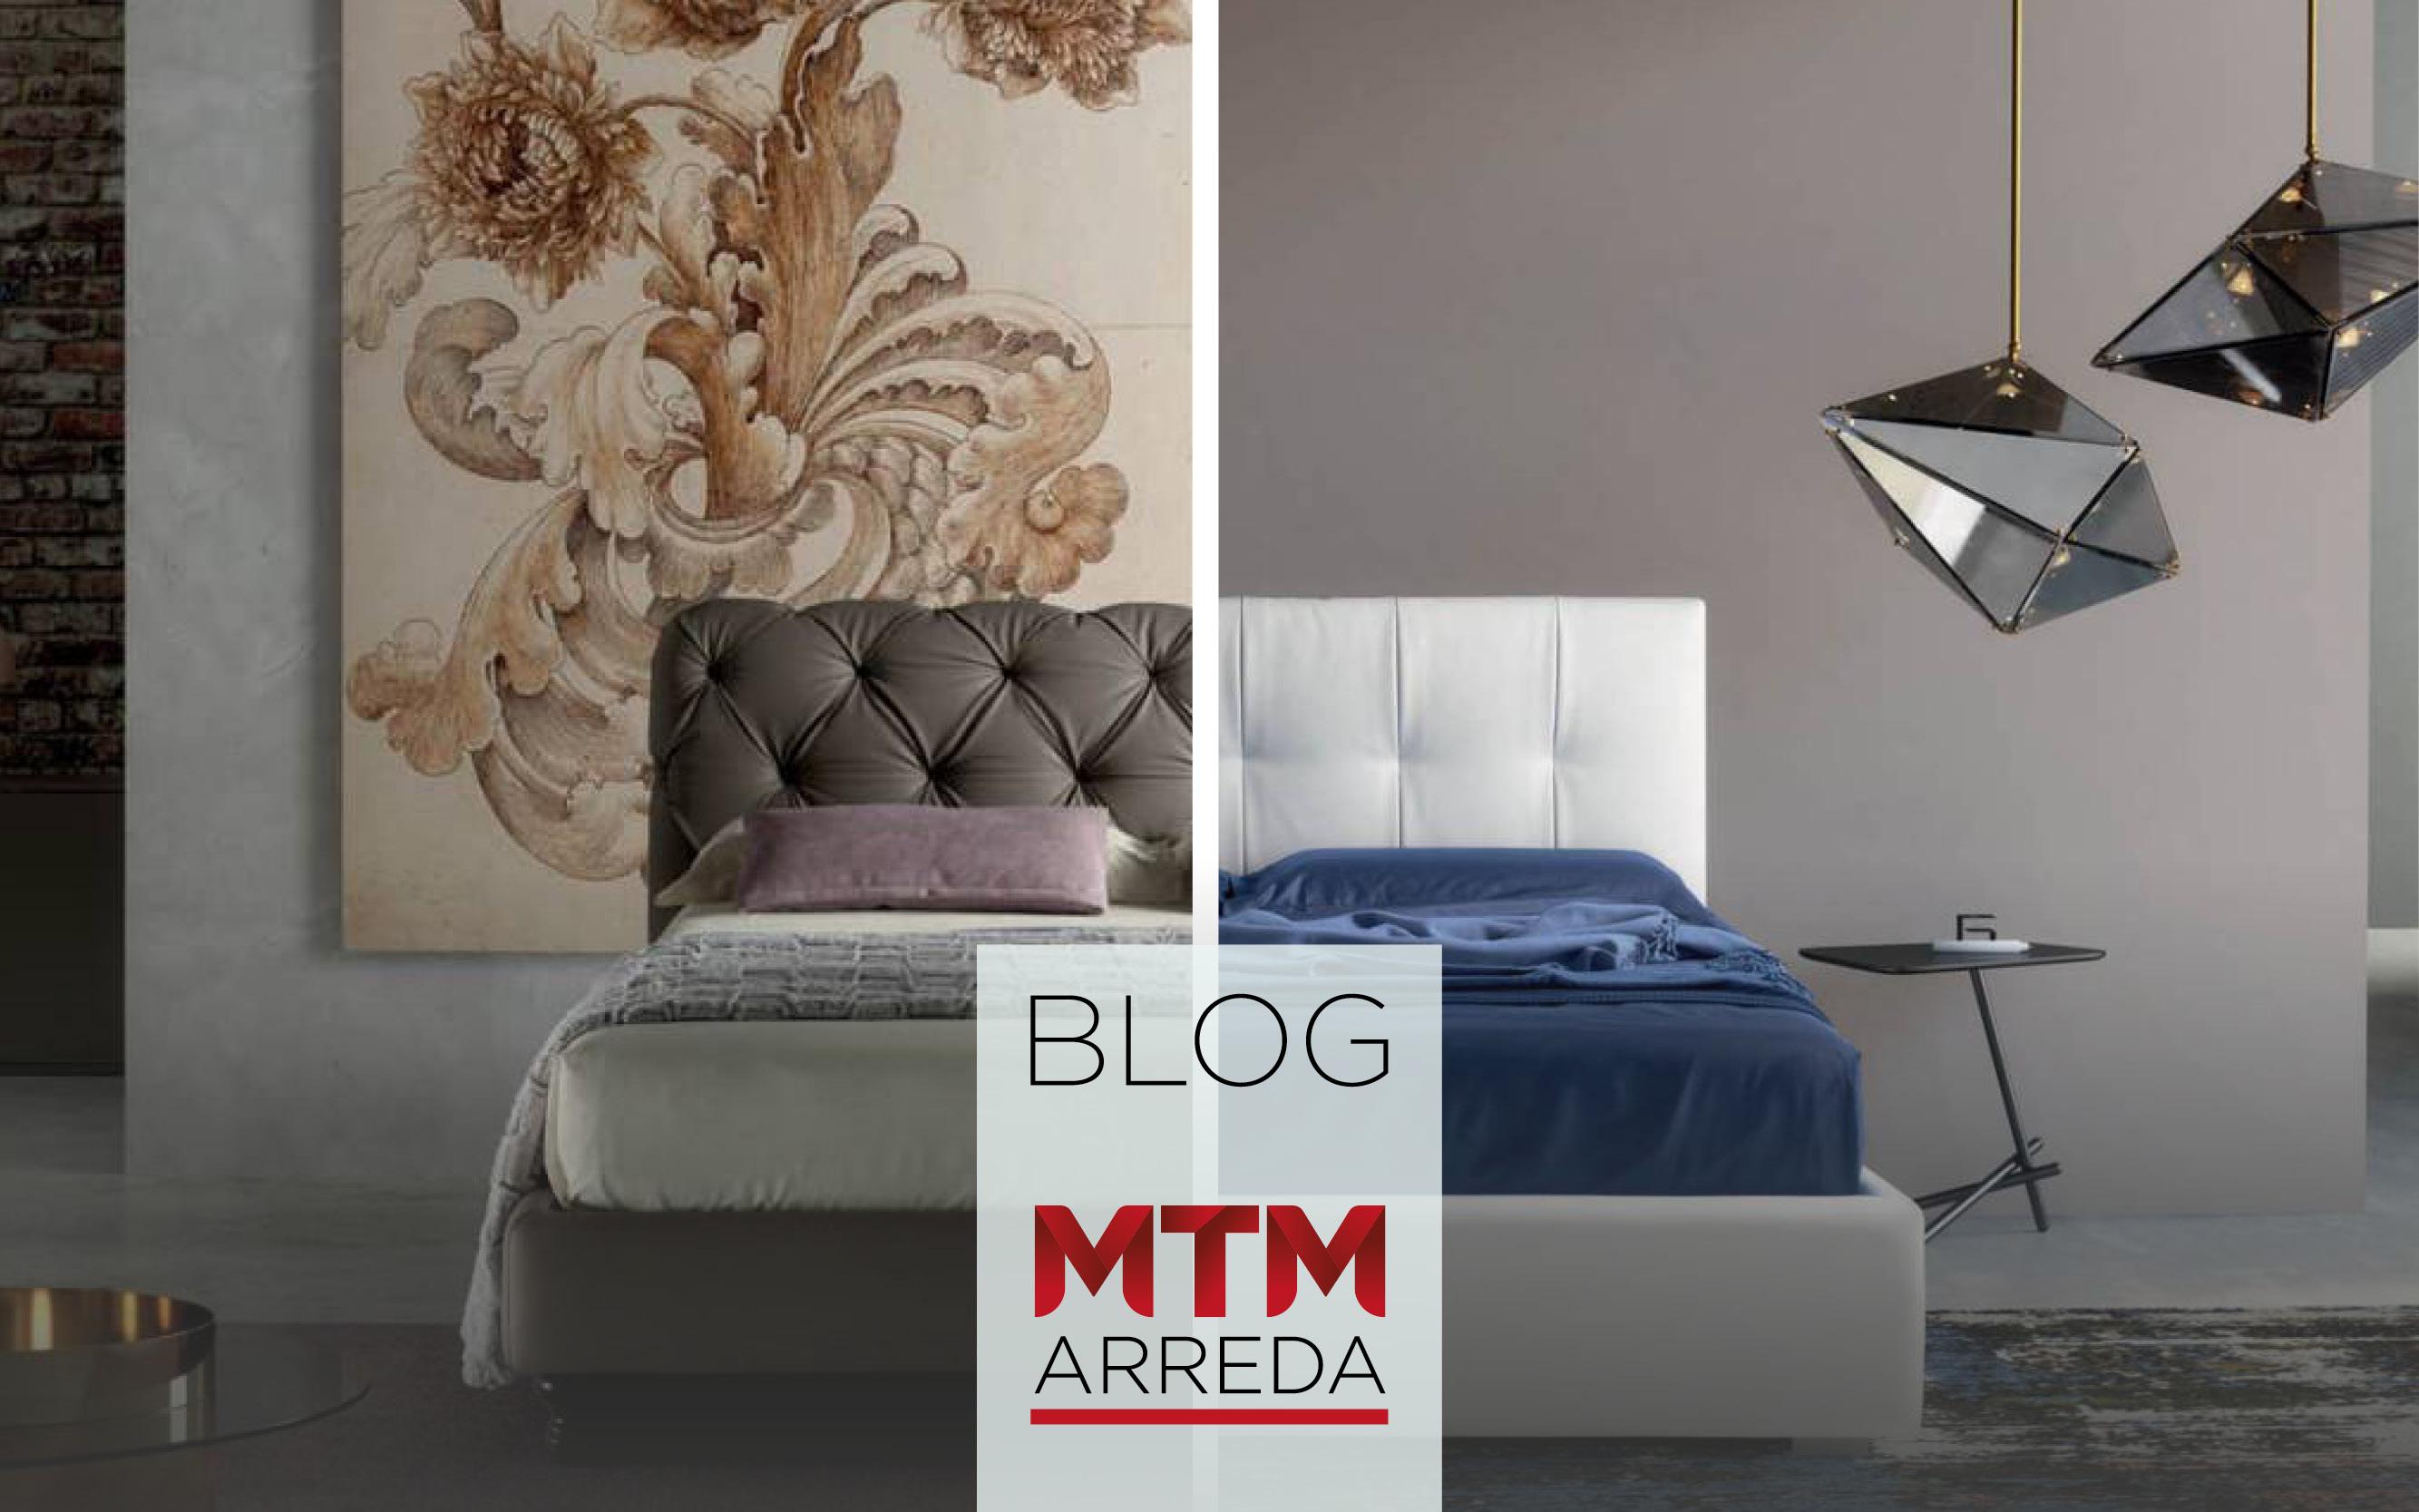 MTM-arreda-Blog-arredamento-moderno-o-classico